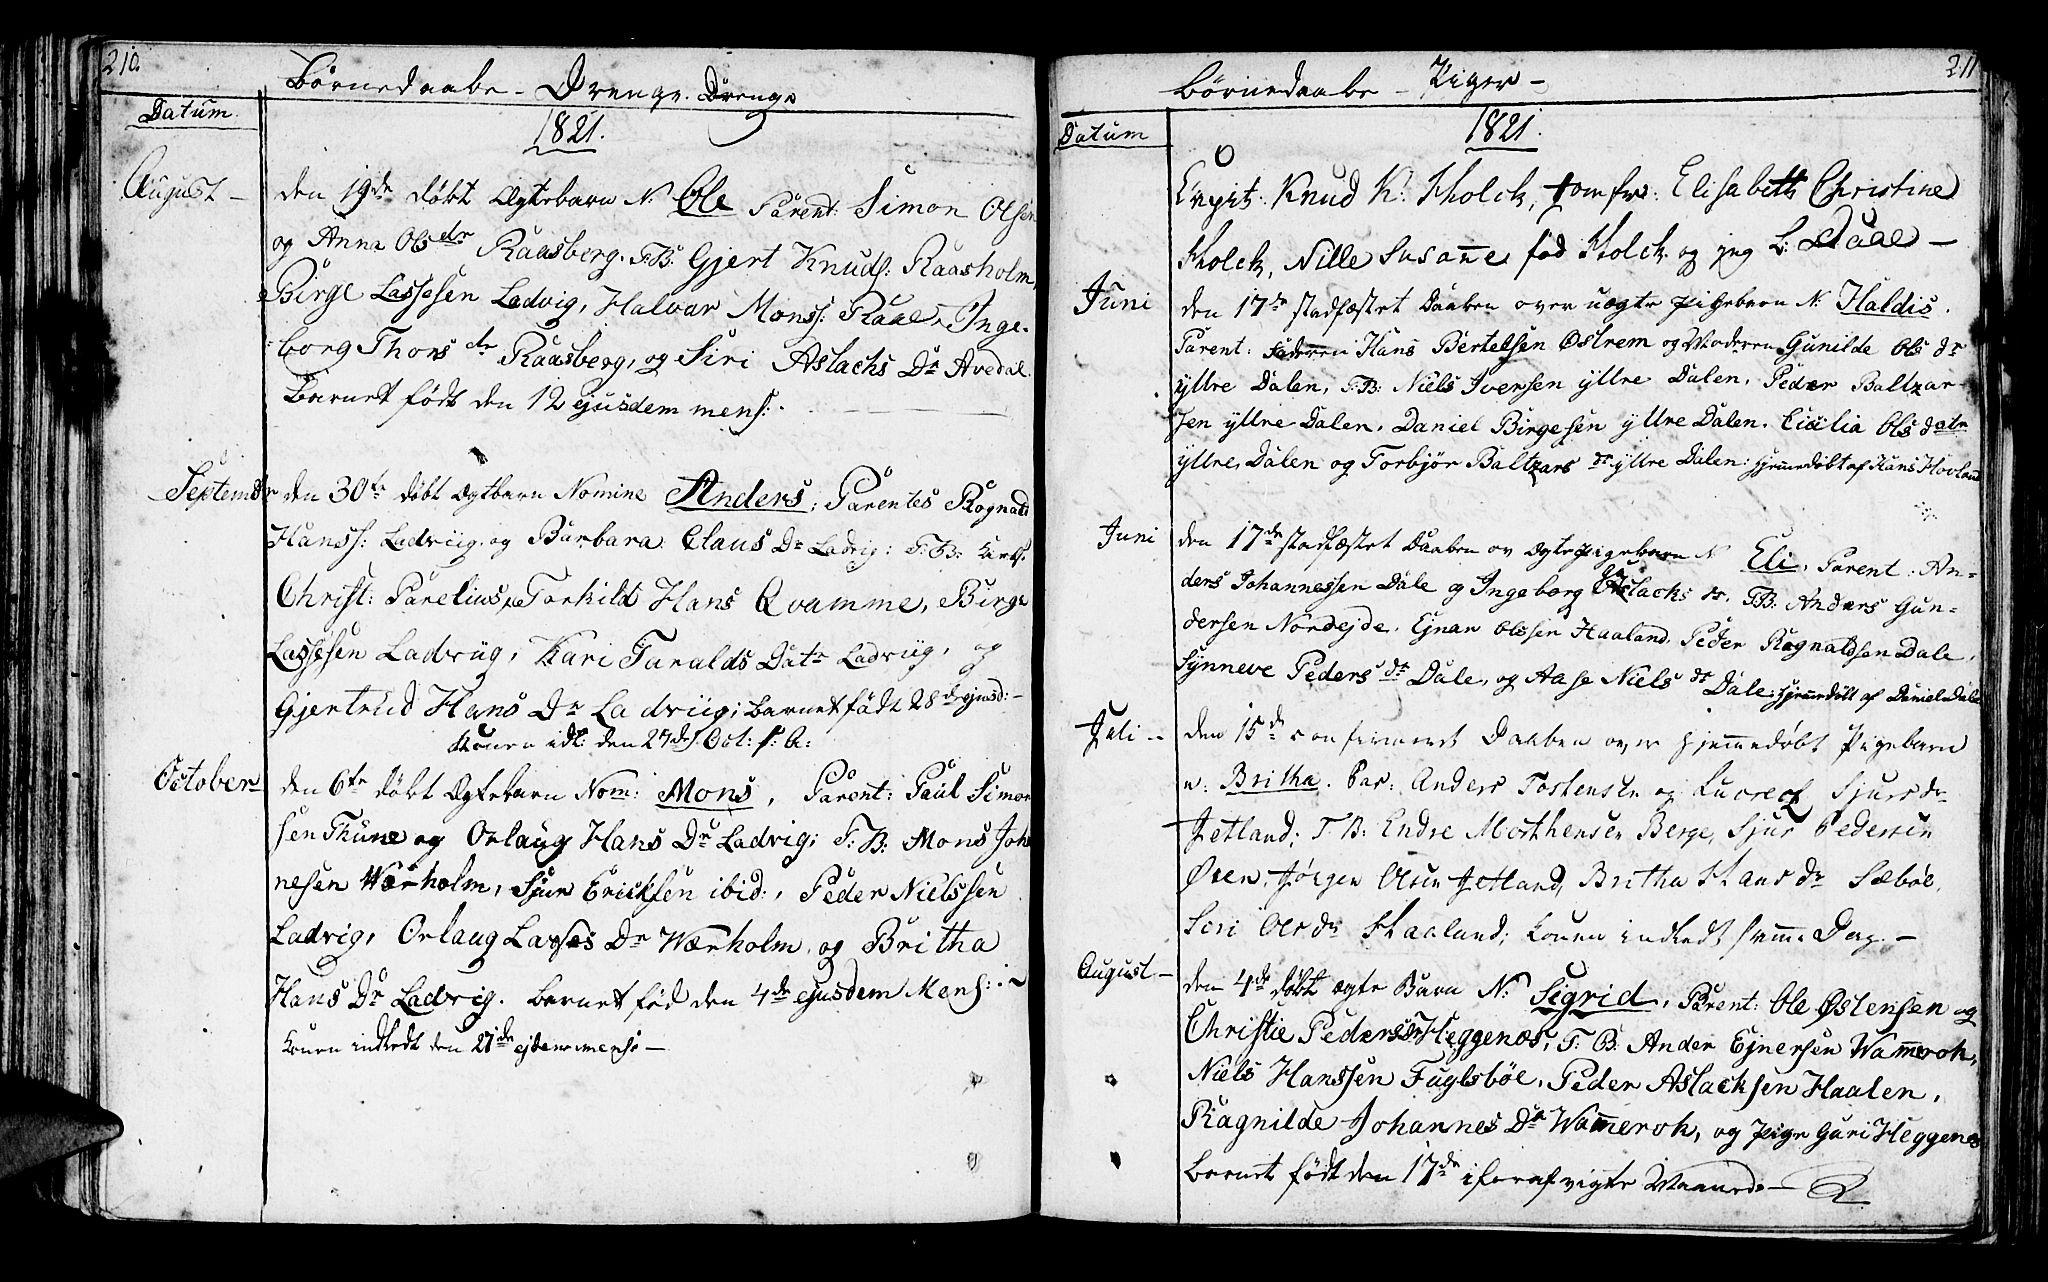 SAB, Lavik sokneprestembete, Ministerialbok nr. A 1, 1809-1822, s. 210-211